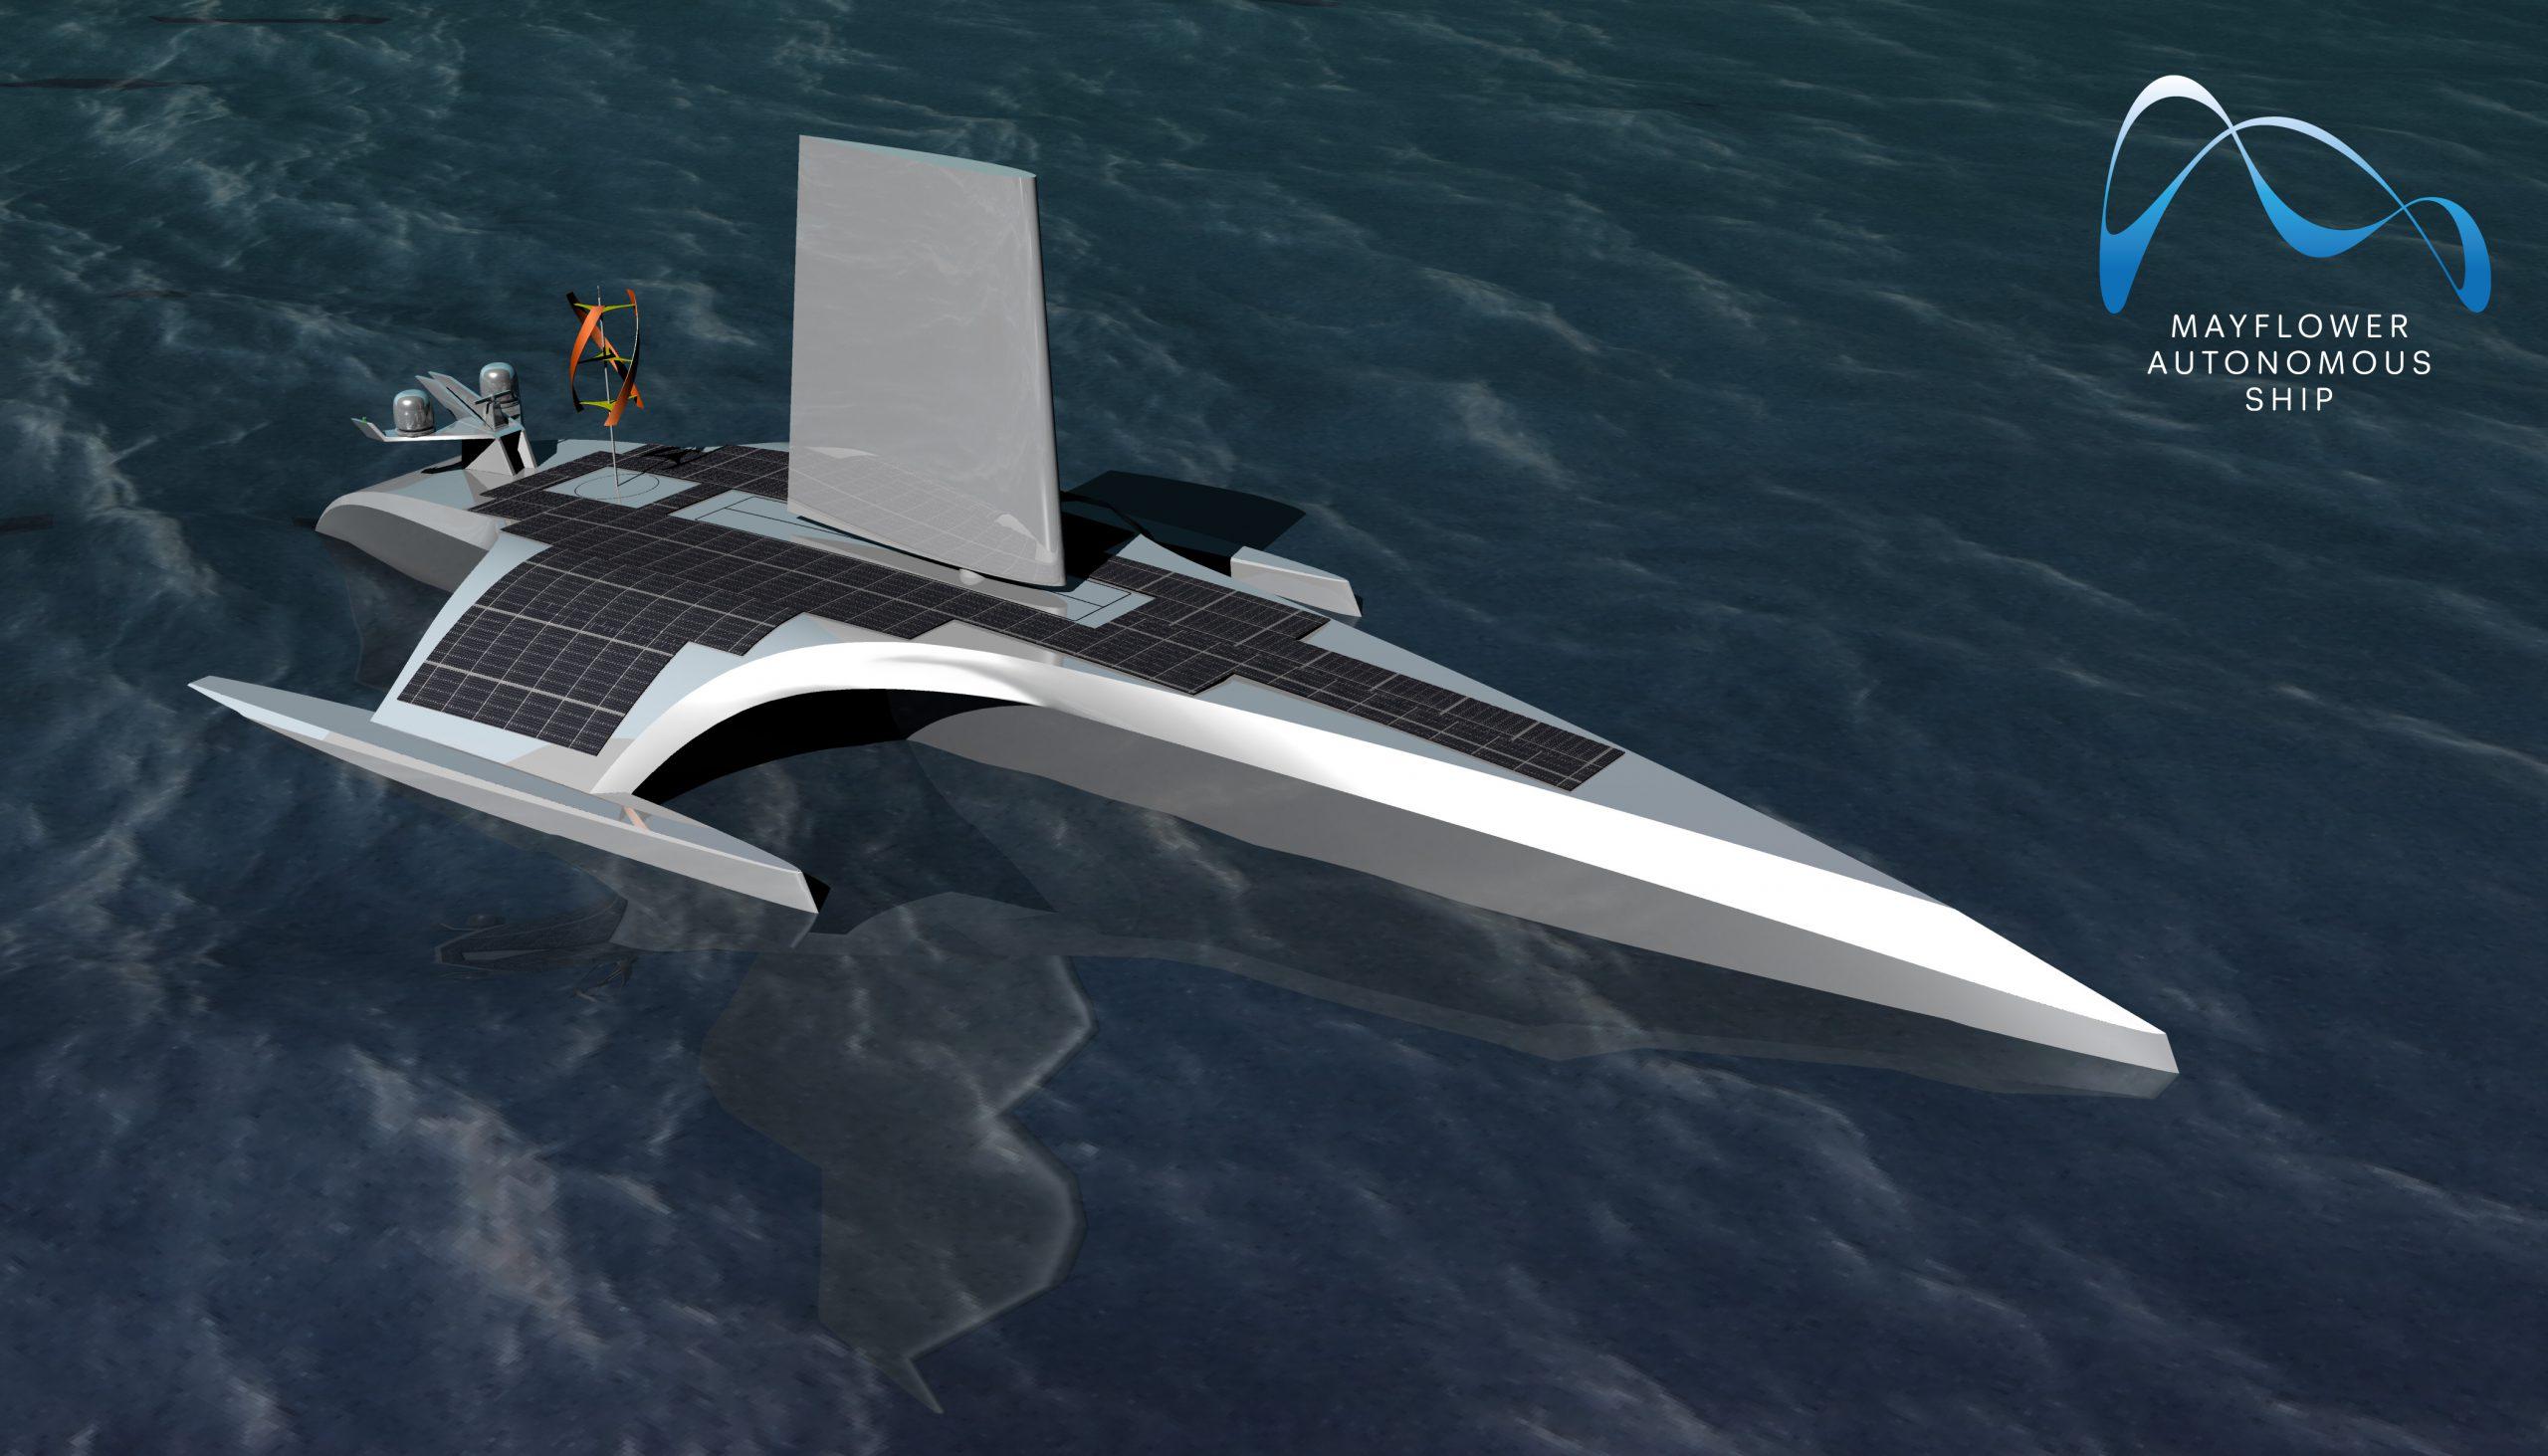 The autonomous ship has set off – Chiportal